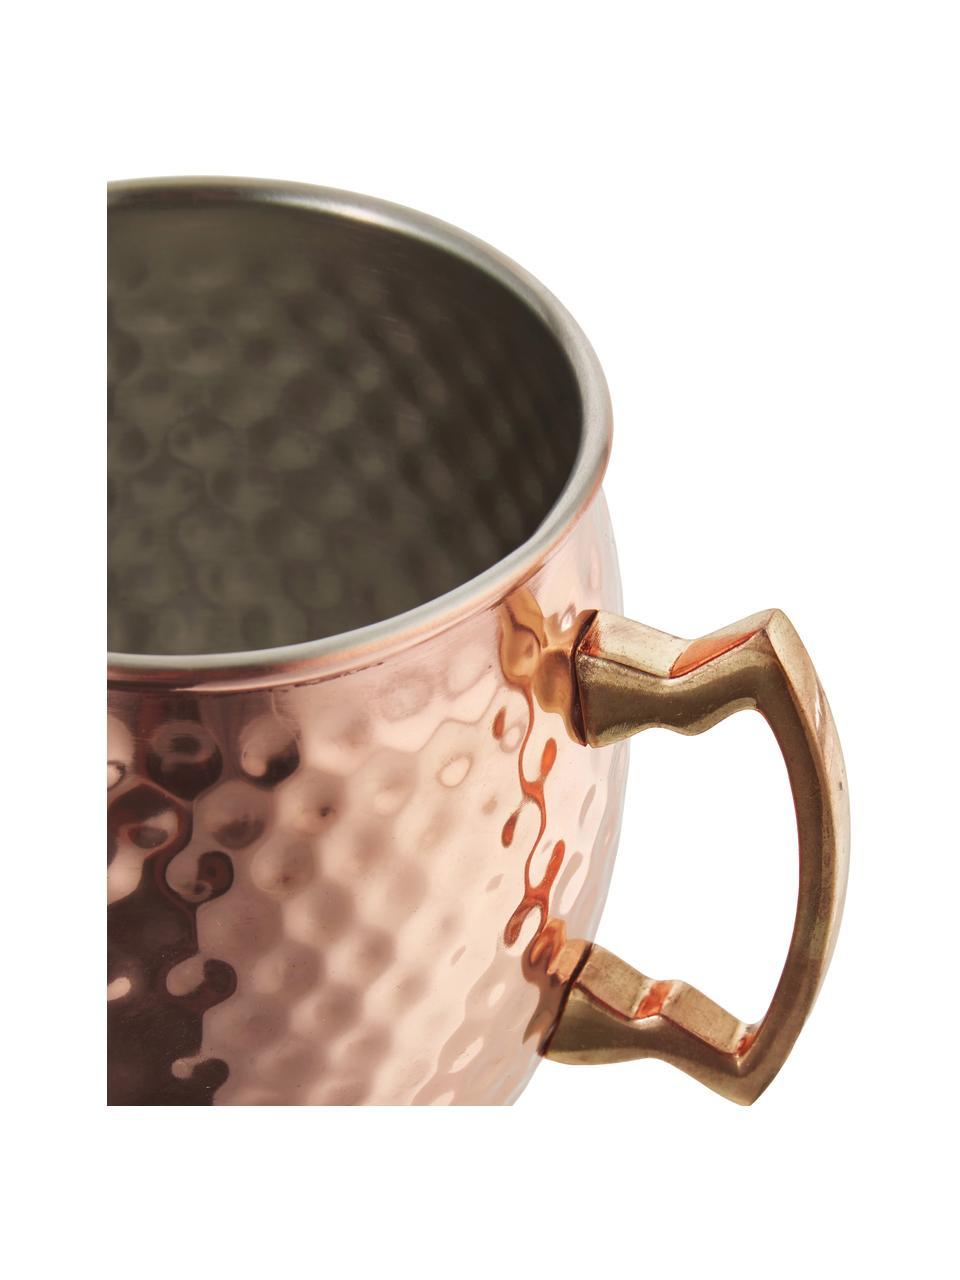 Moscow Mule Kupferbecher Hammered mit gehämmerter Oberfläche, Stahl, außen verkupfert, Kupfer, Ø 9 x H 10 cm